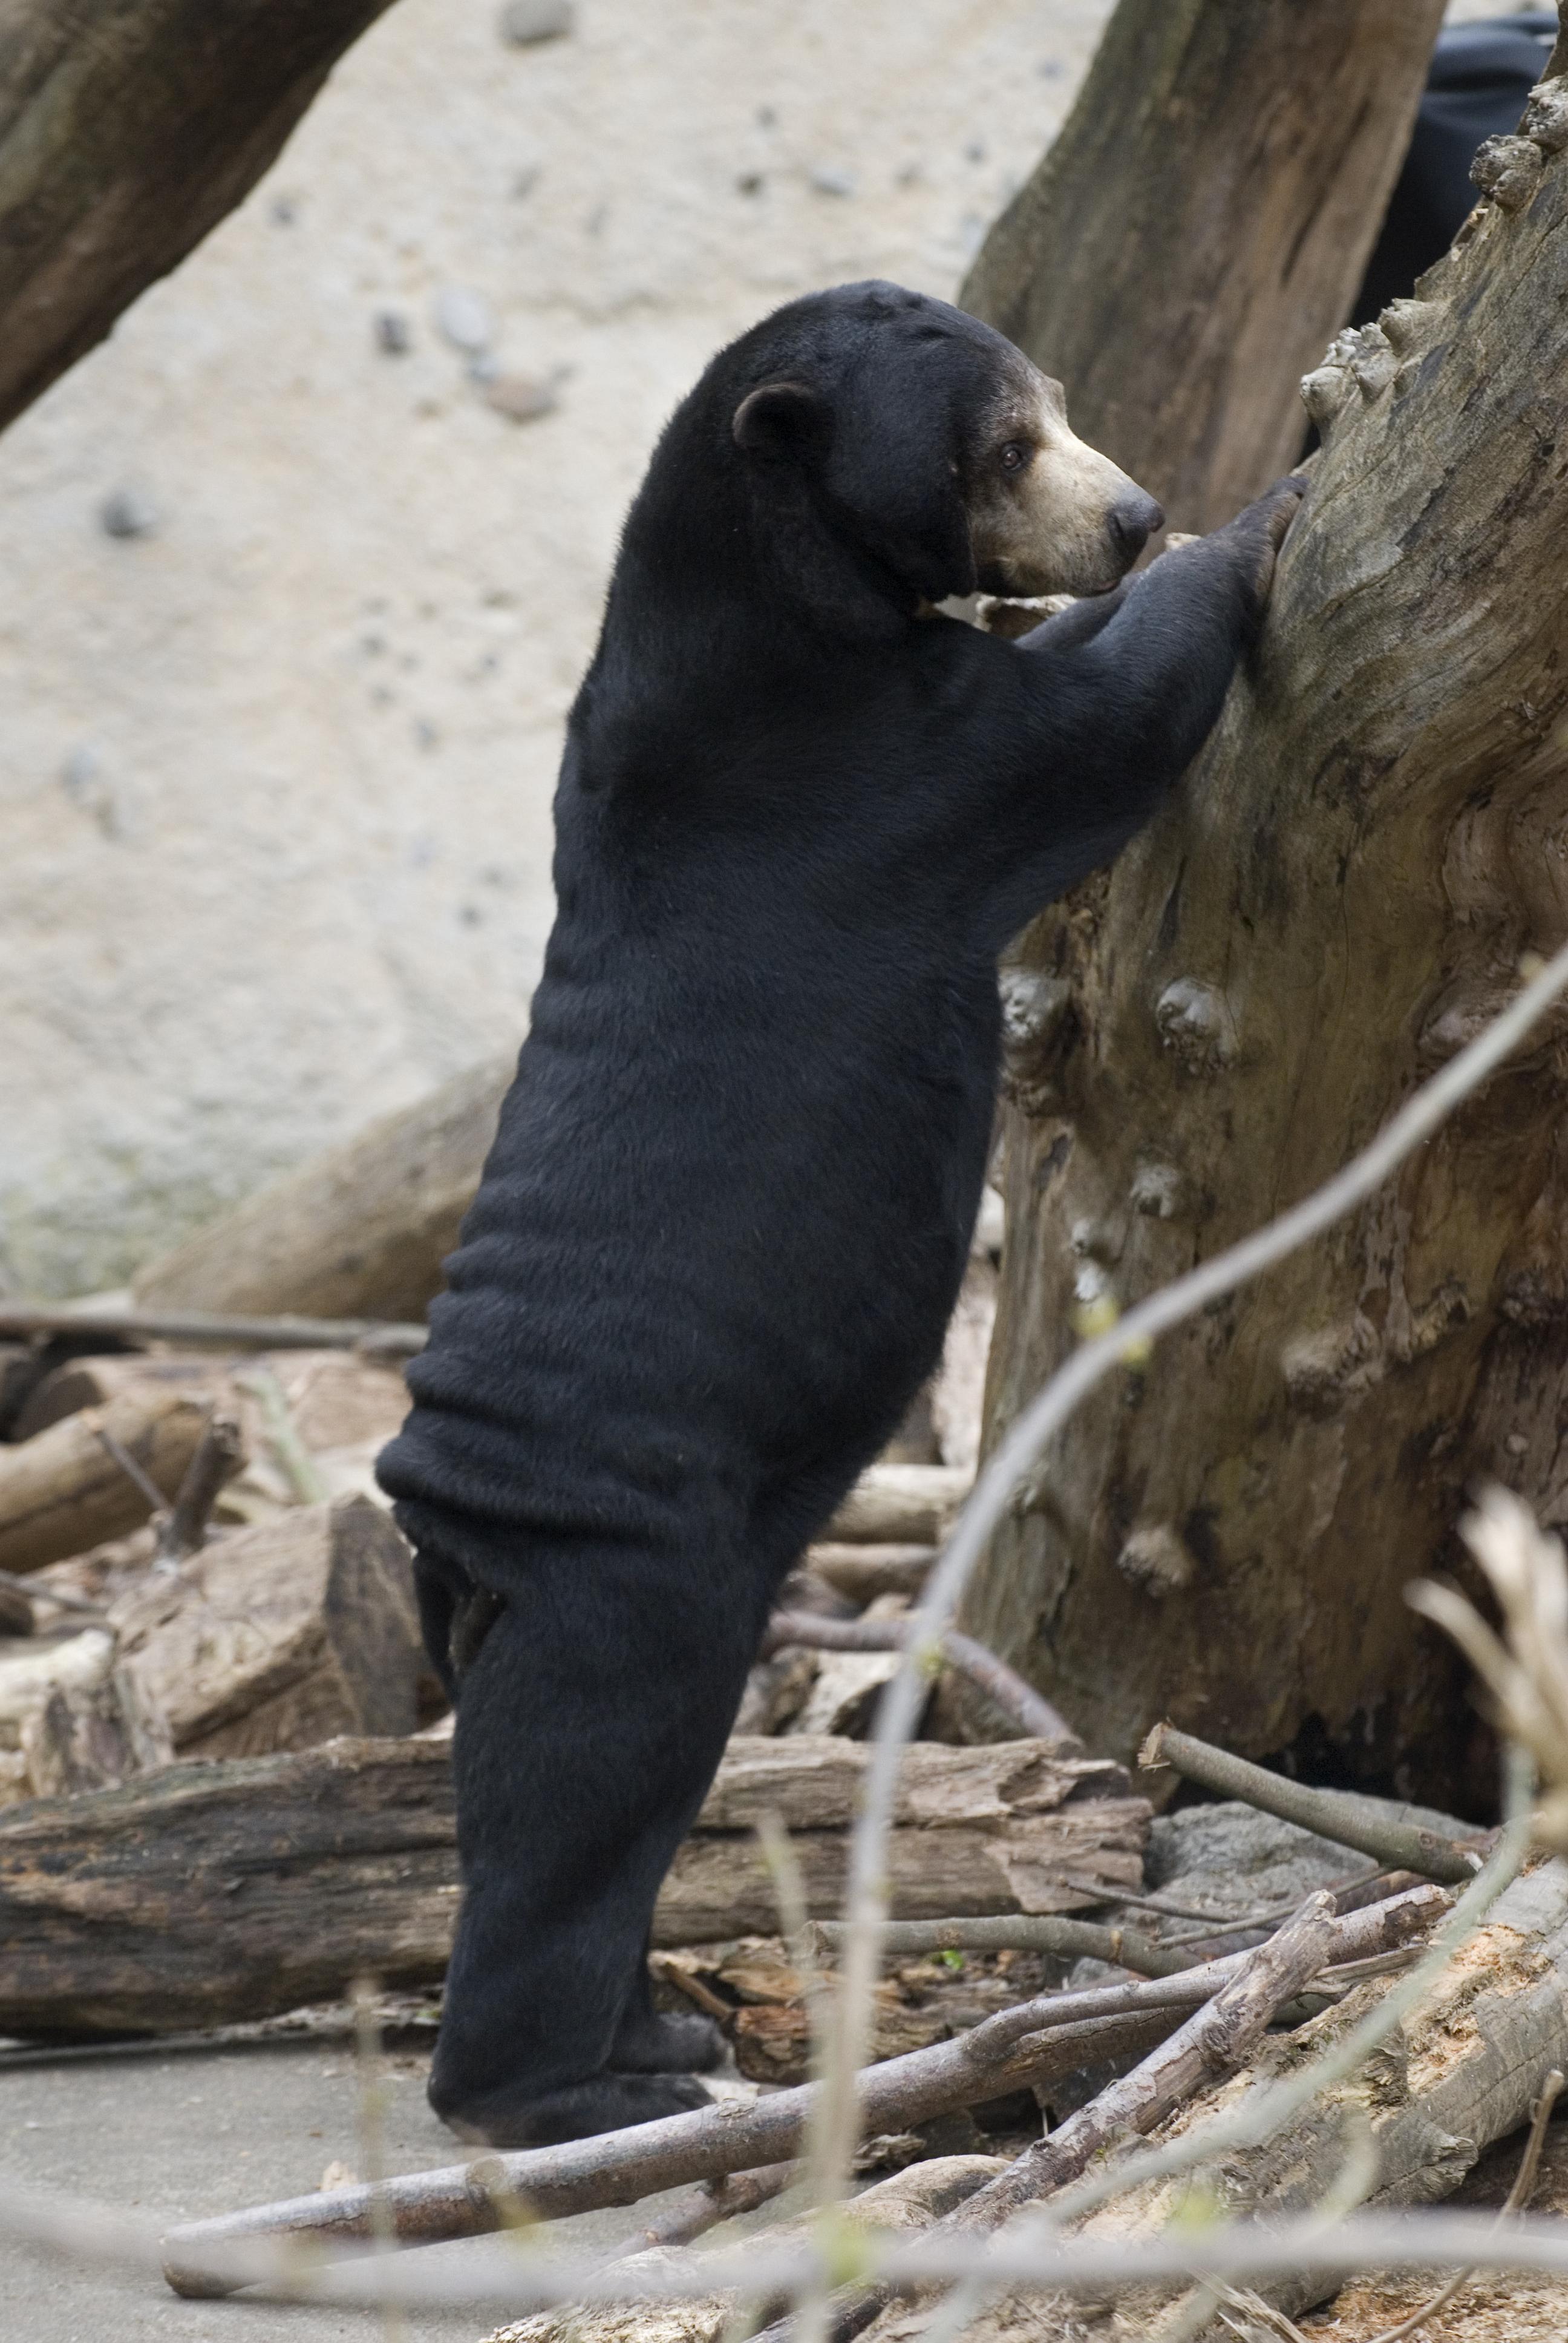 Bald bear in the zoo